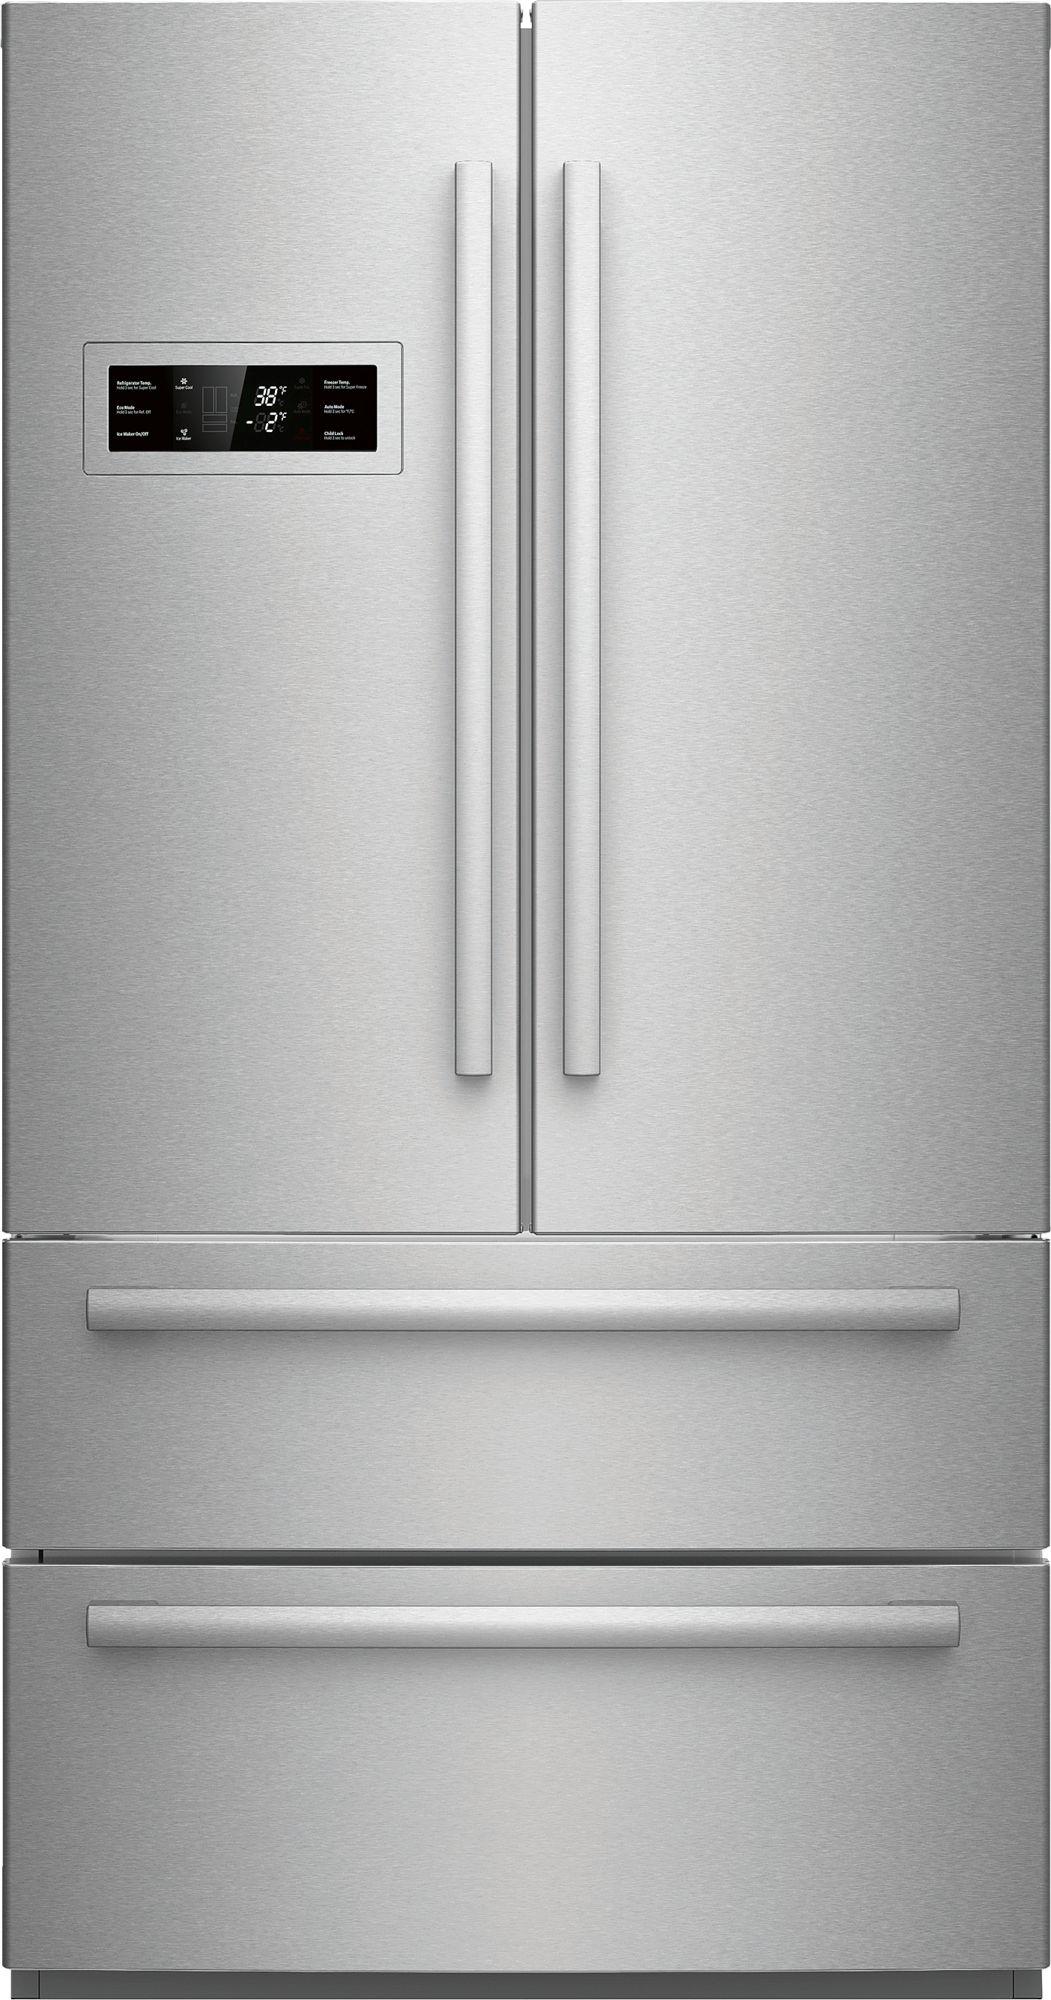 Bosh 800 Series 207 Cu Ft Counter Dept French Door Refrigerator